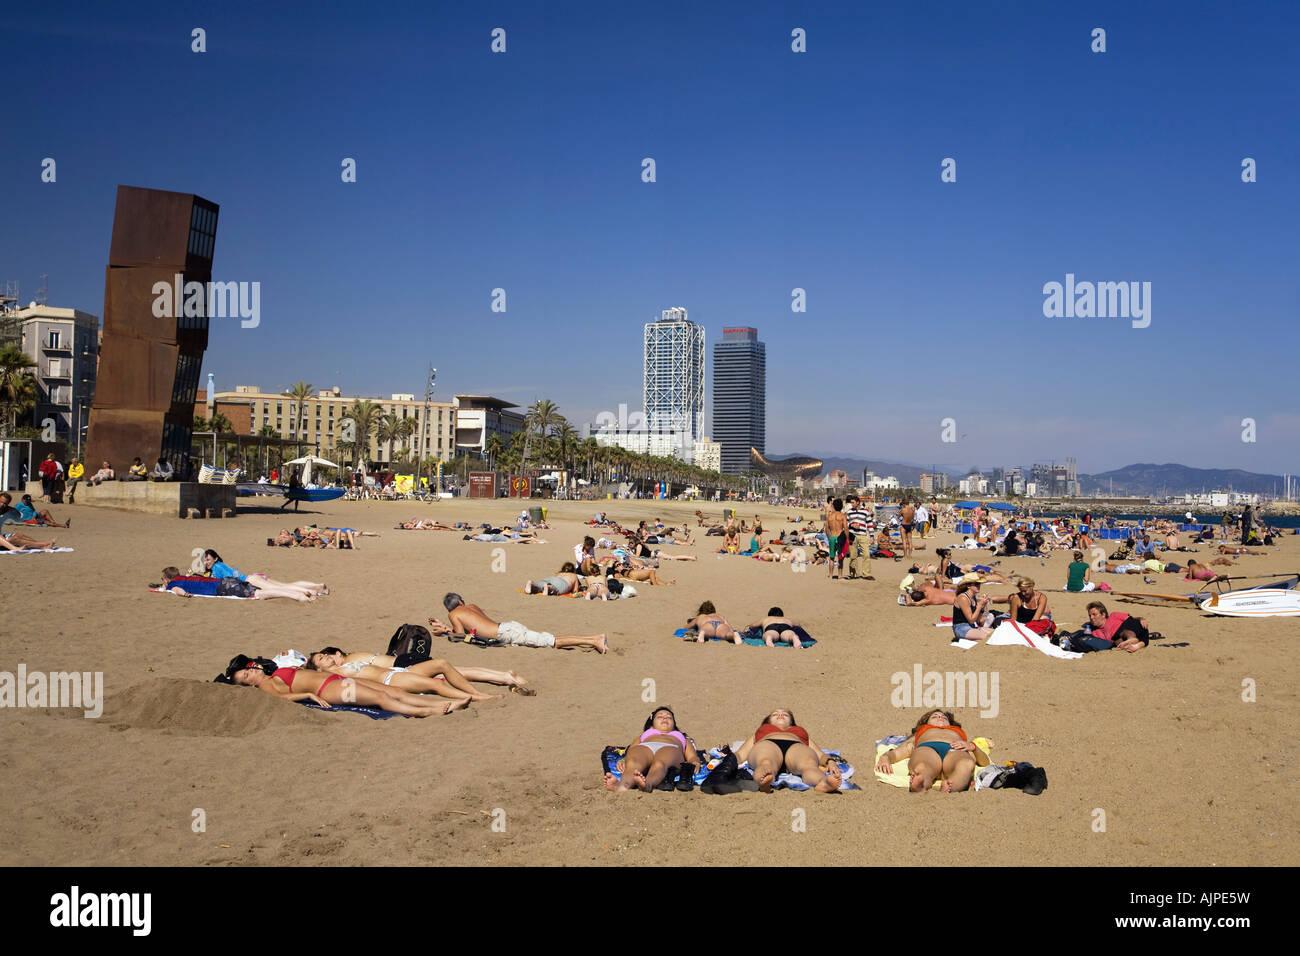 Spain Barcelona beach Platja de la Barceloneta people Sculpture by Rebecca Horn girls sunbathing - Stock Image